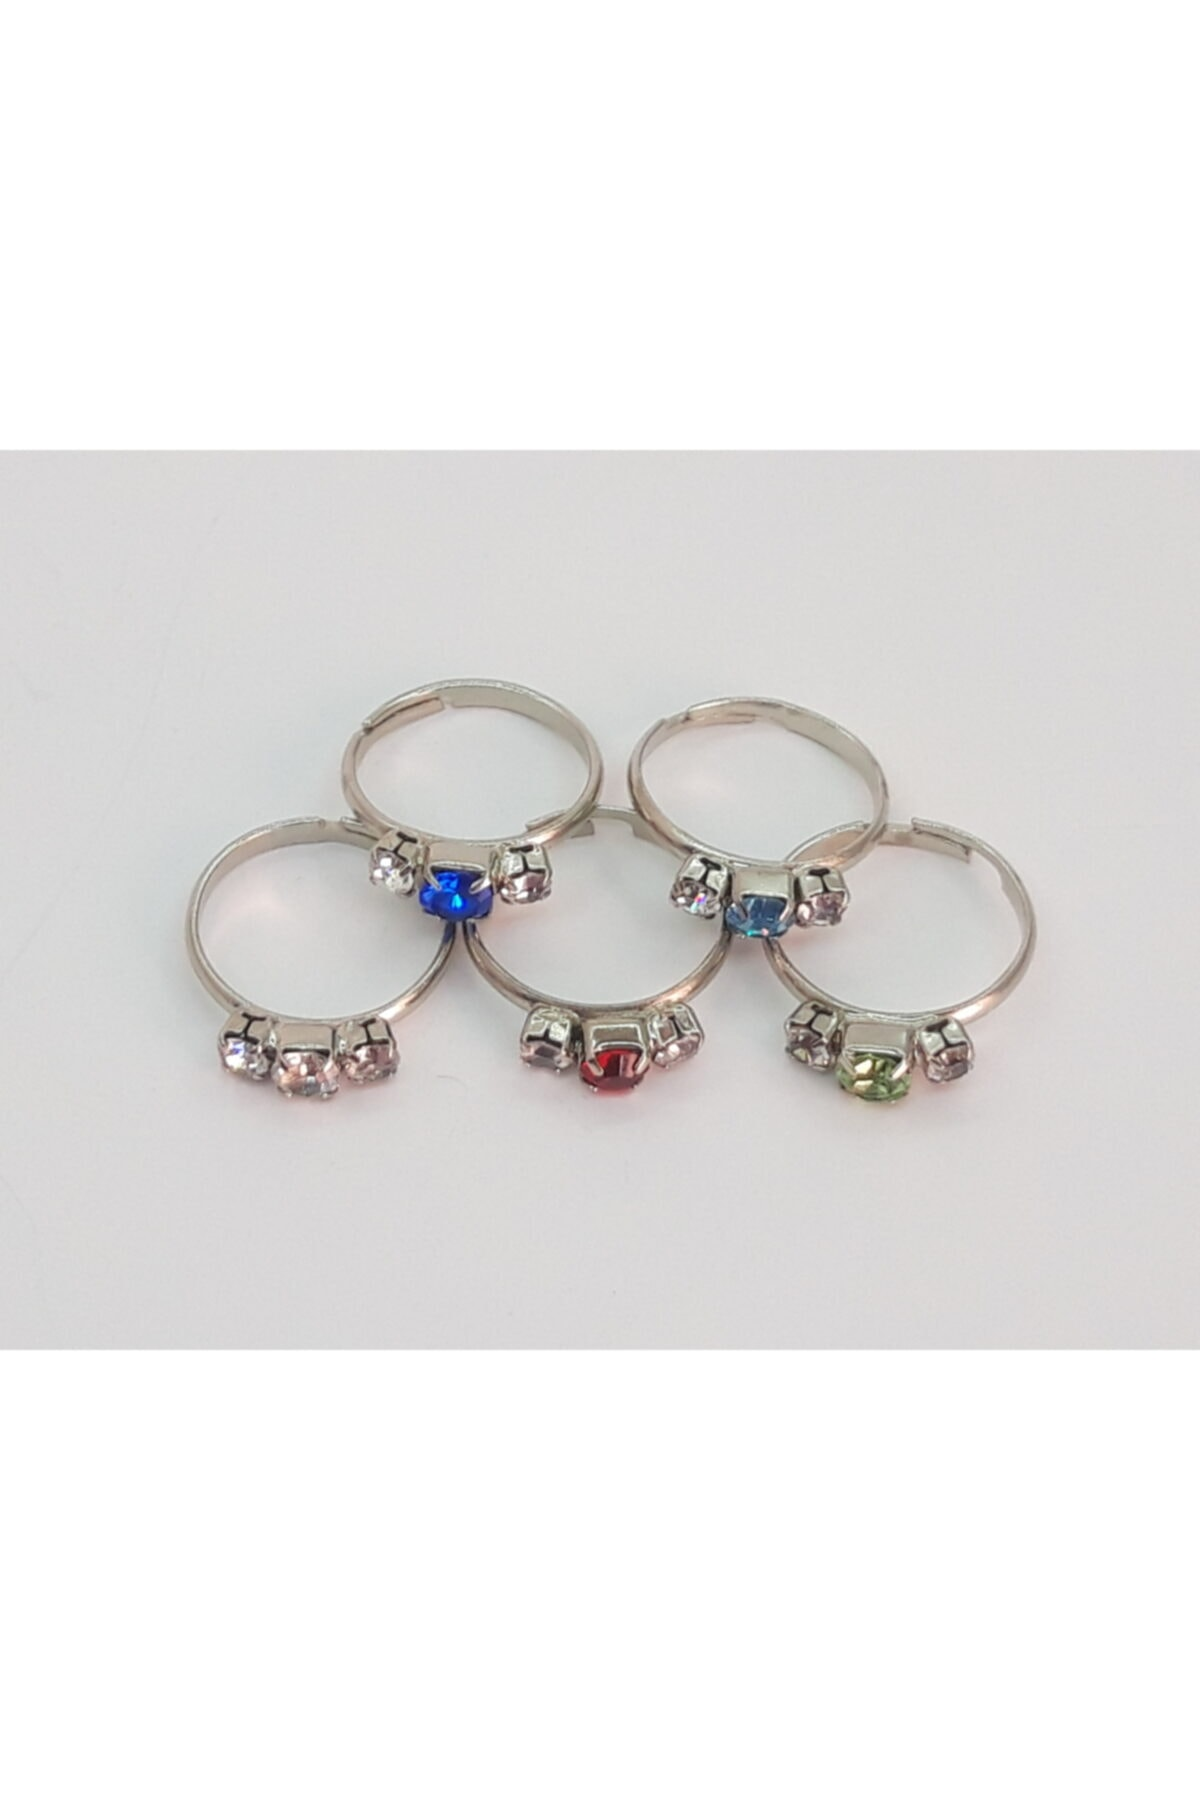 Özel Yapım Trendyıldızı 5 Adet Üç Taşlı Kız Çocuk Yüzüğü 2